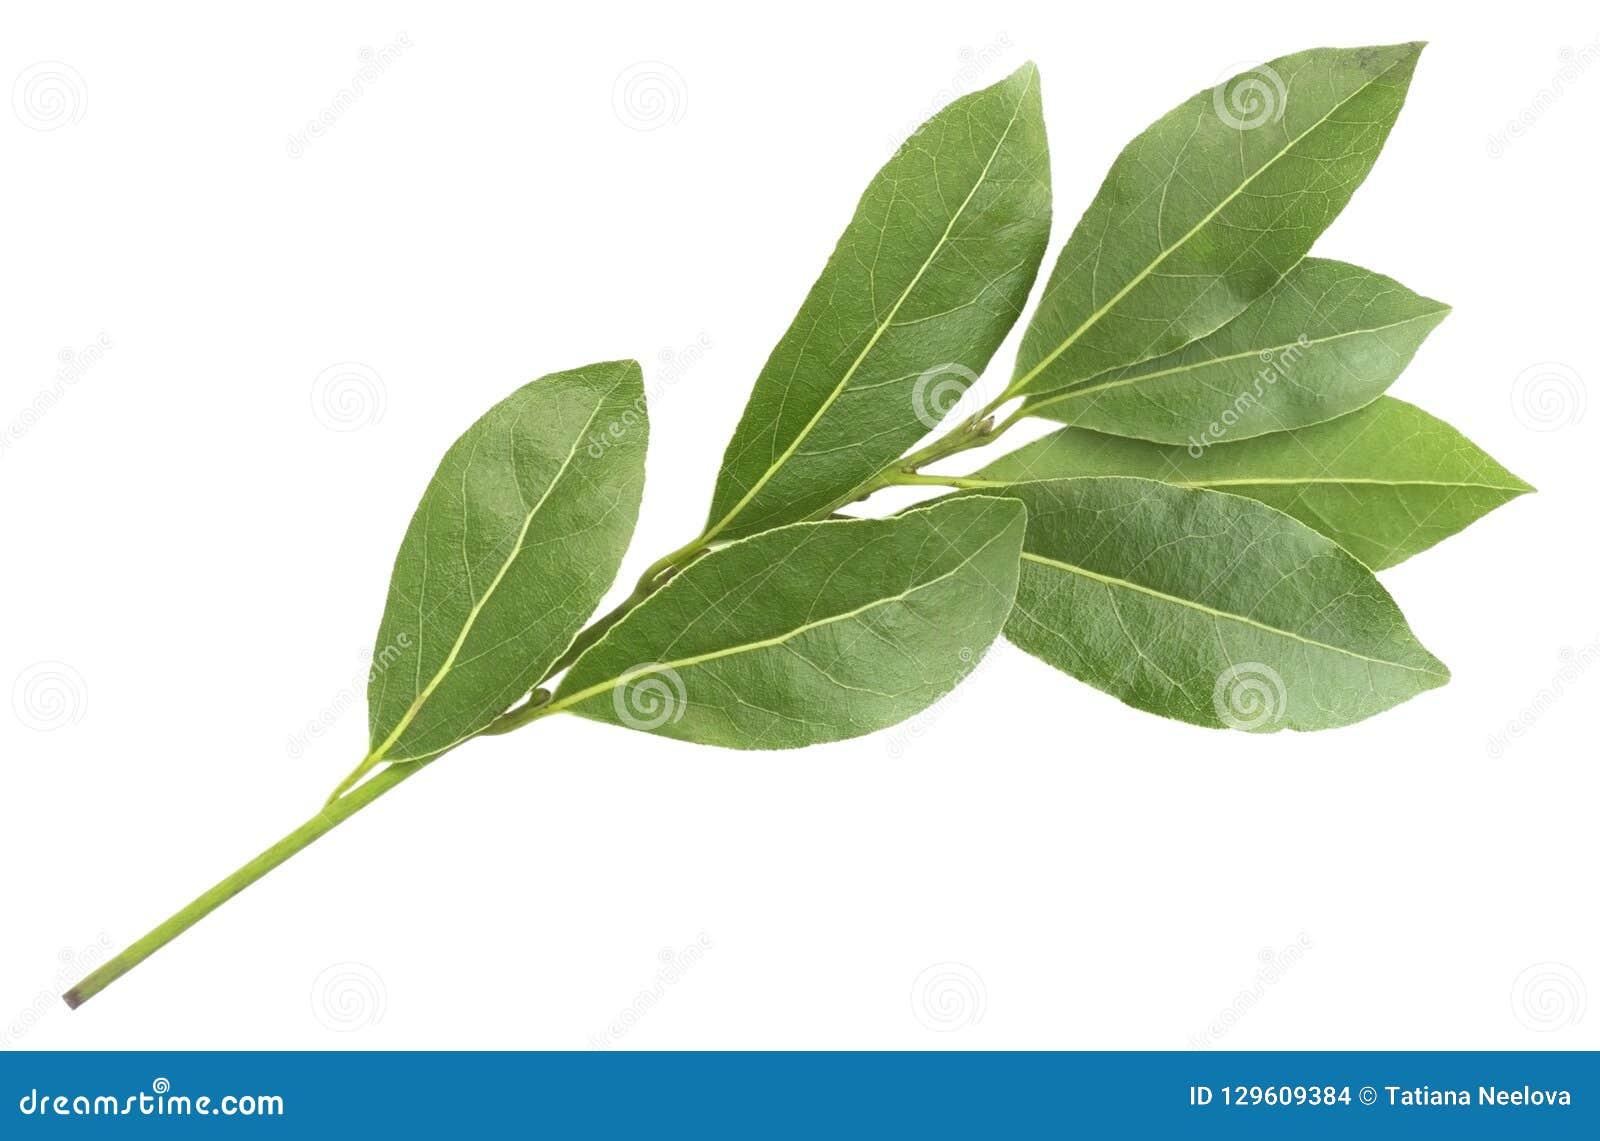 De groene aromatische die foto van de laurierbladtak, op wit wordt geïsoleerd Lauriertakjes Foto van de oogst van de laurierbaai